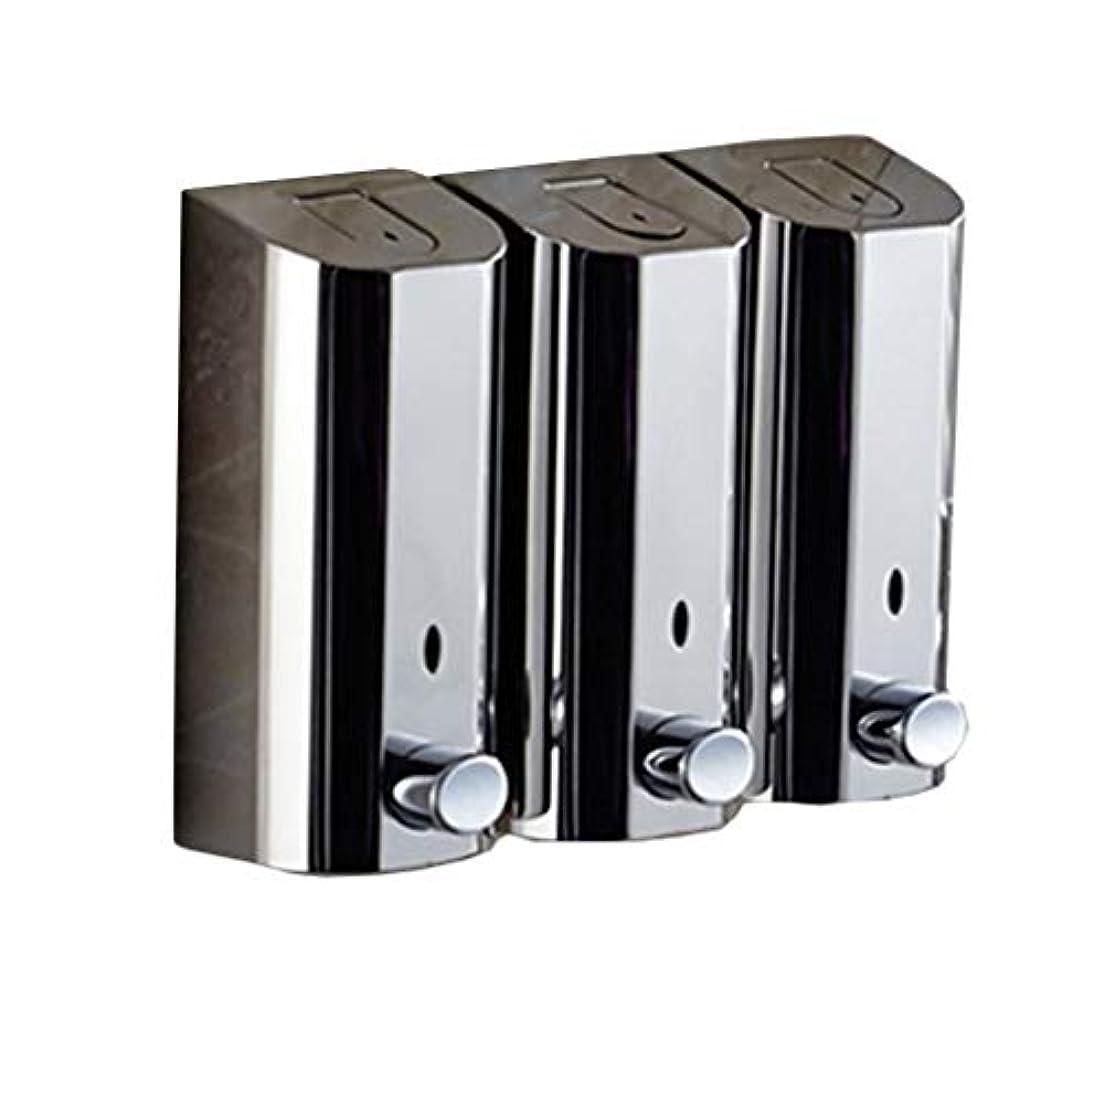 区画カテゴリーランプKylinssh タッチレスソープディスペンサー、500 ml * 3自動液体ディスペンサー、防水、漏れ防止、タッチレスソープディスペンサー、キッチン、バスルーム